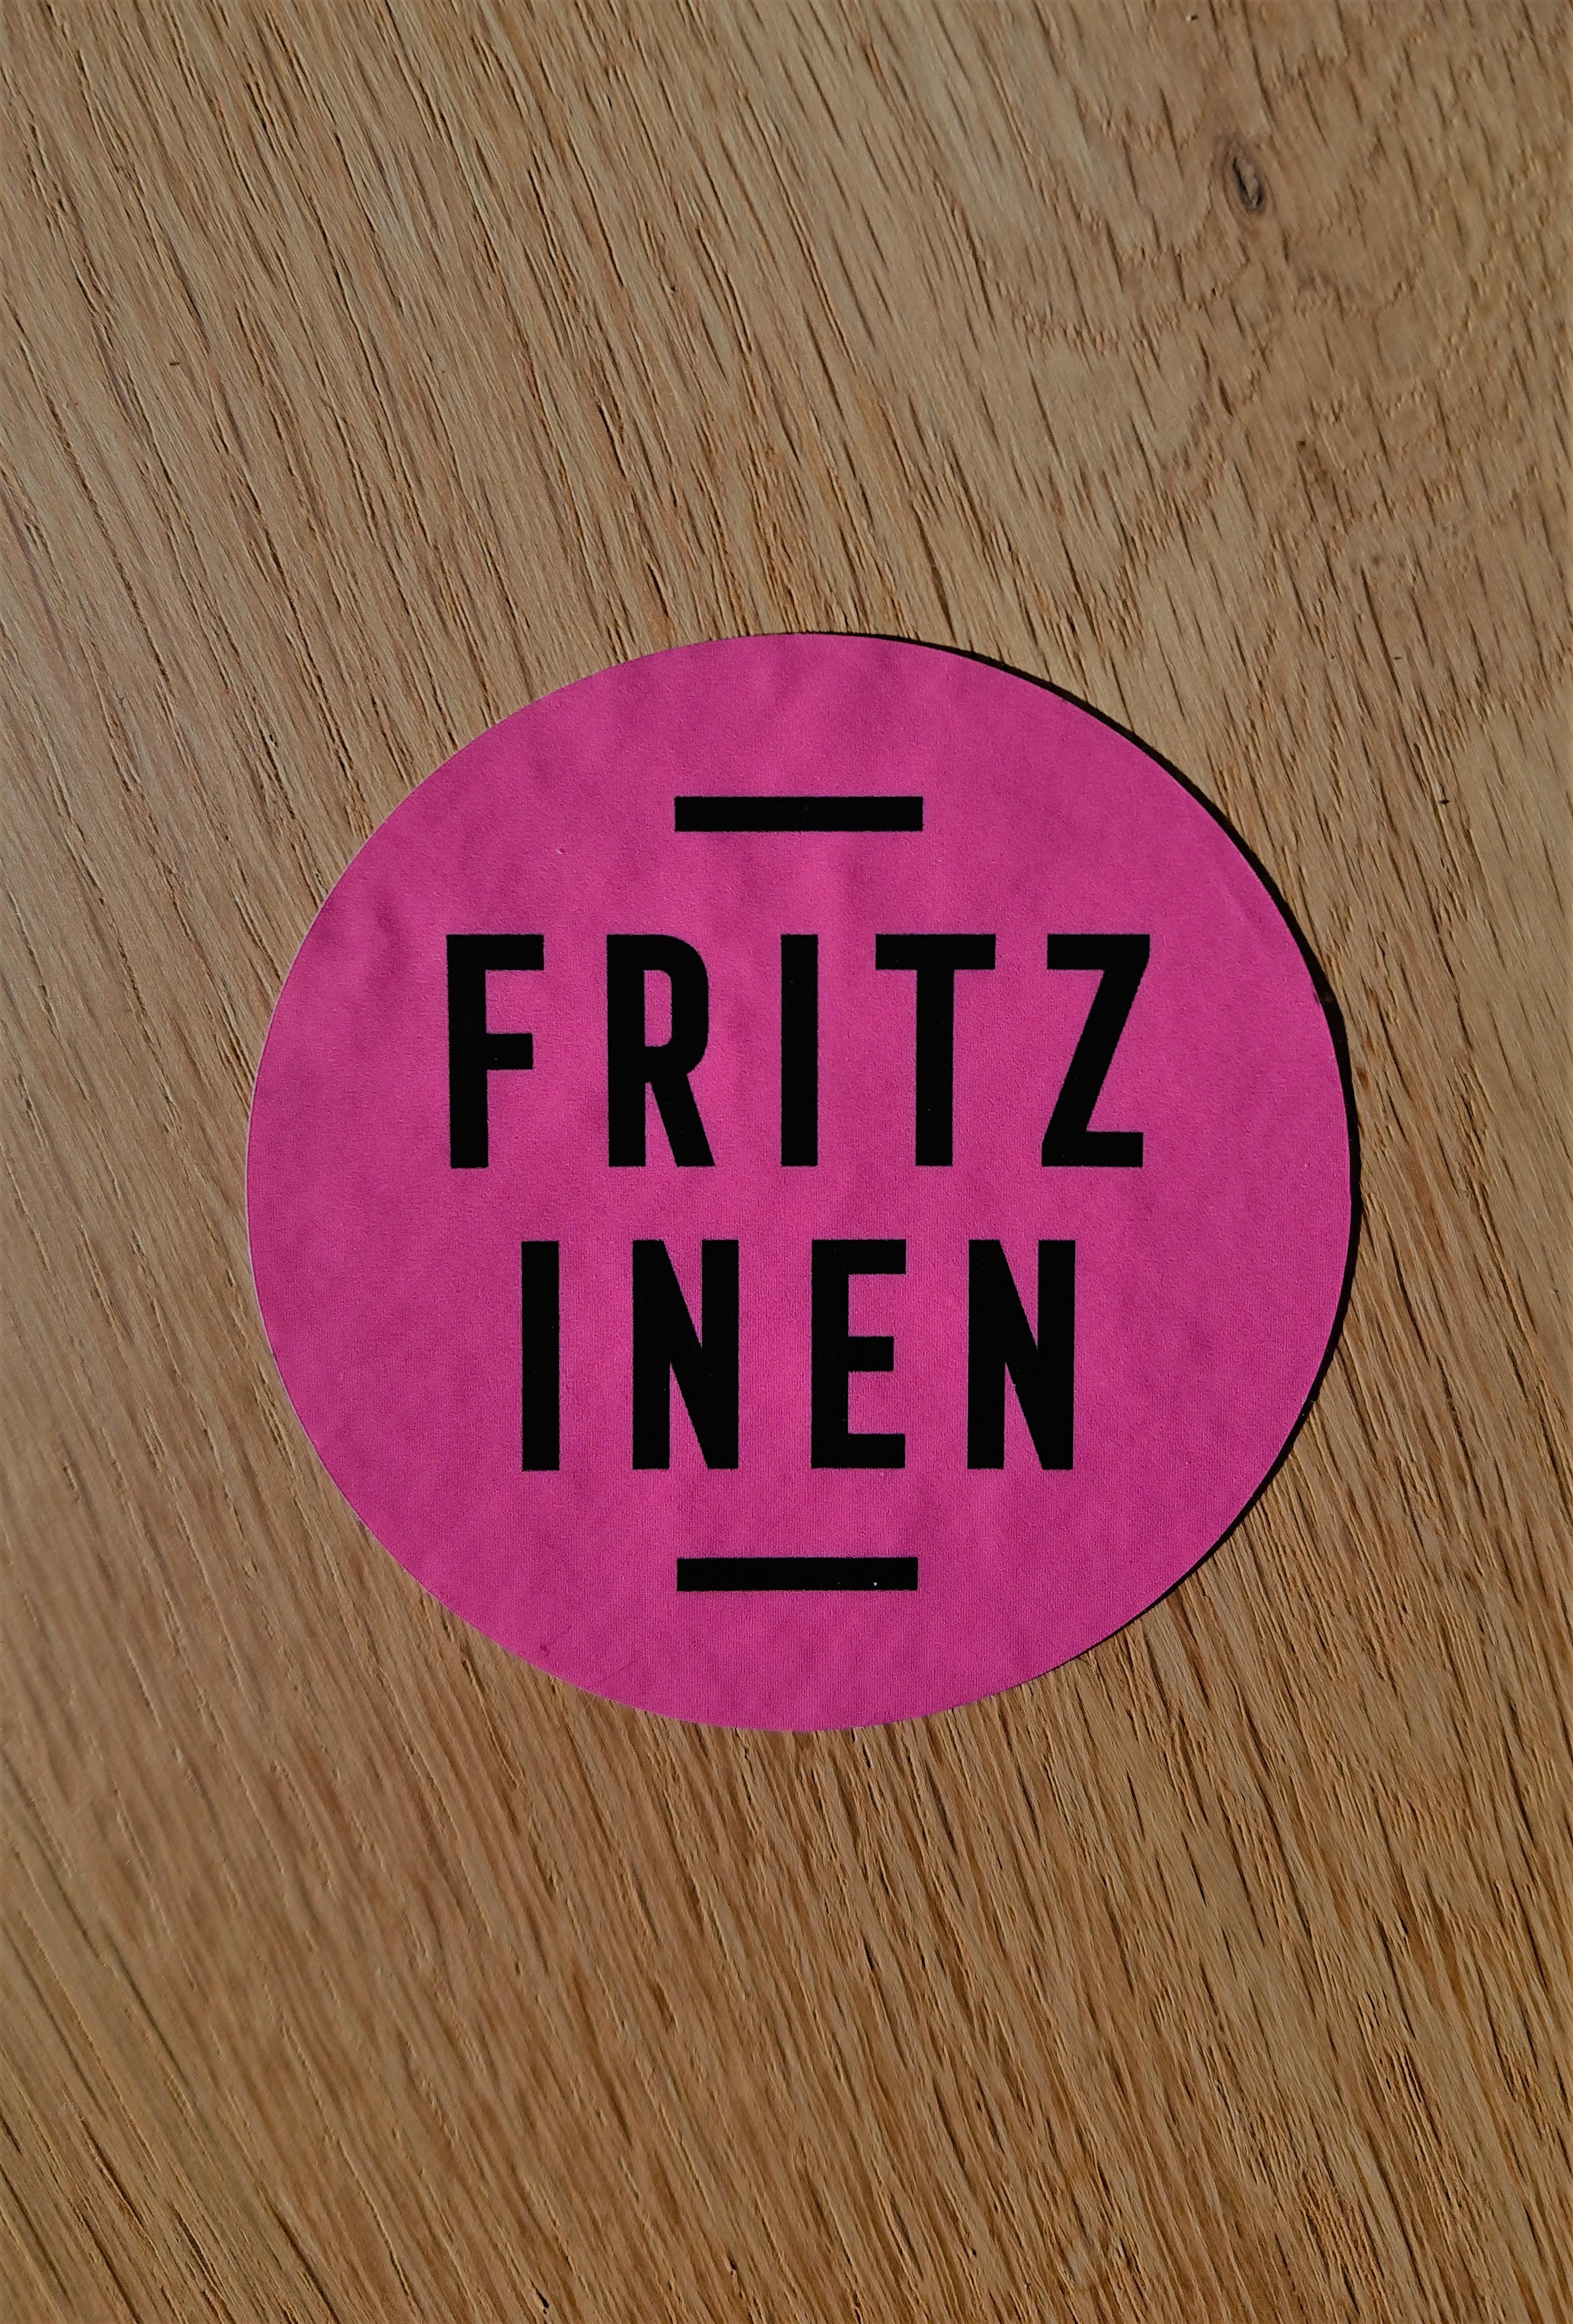 Team fritzinen